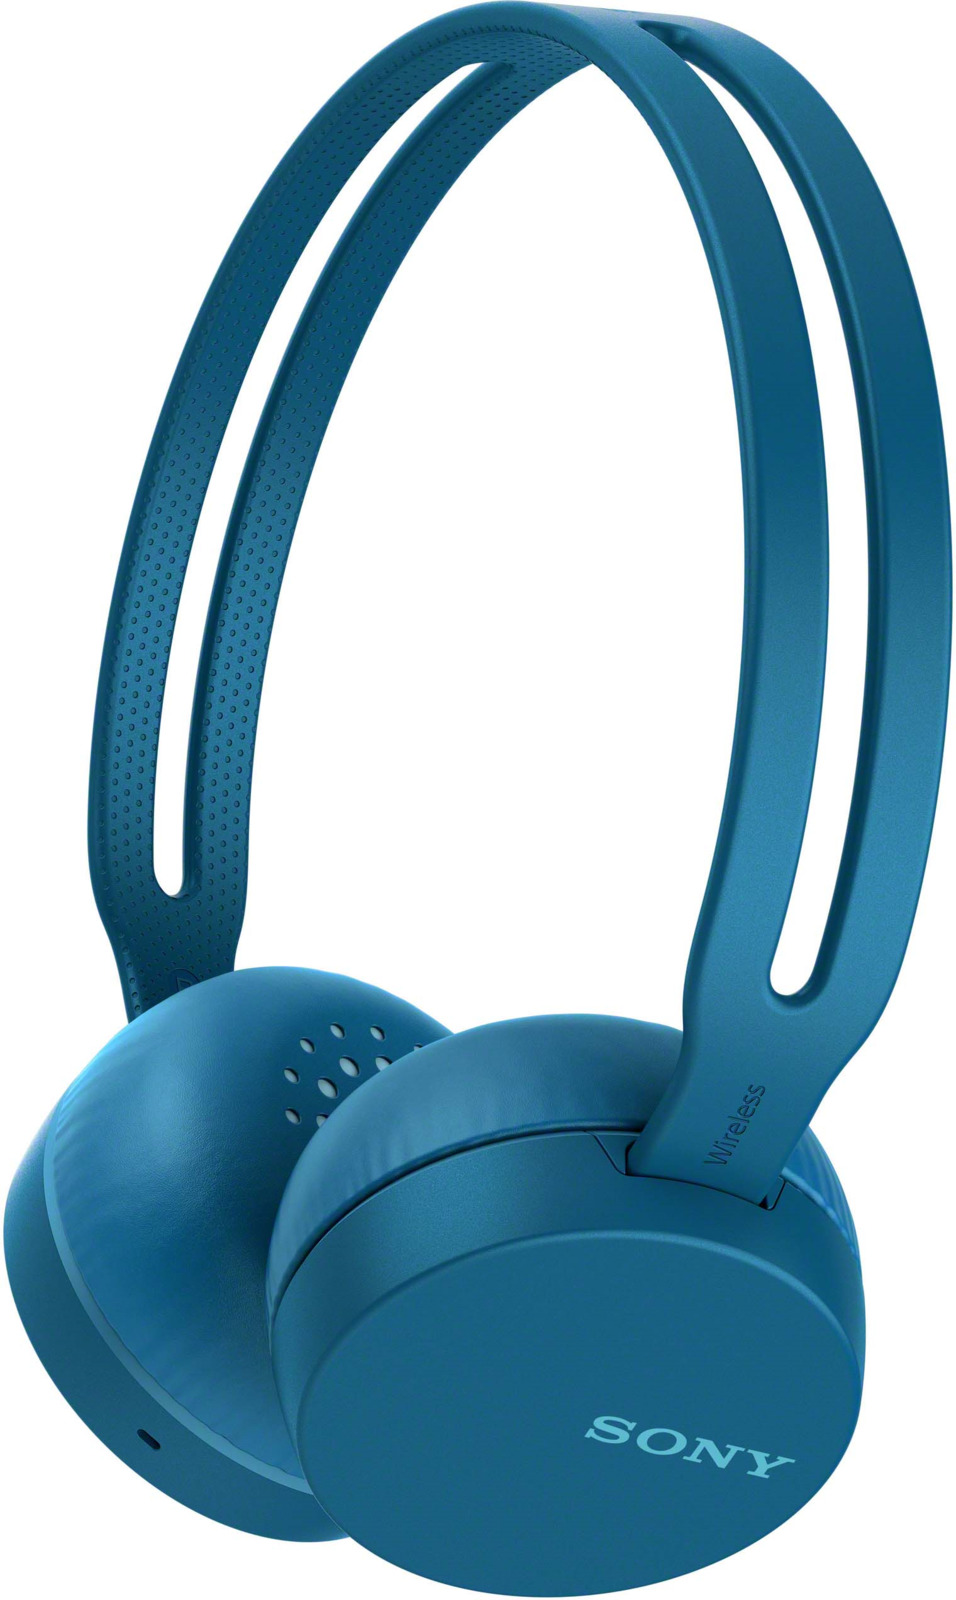 Беспроводные наушники Sony WH-CH400, цвет синий цена и фото